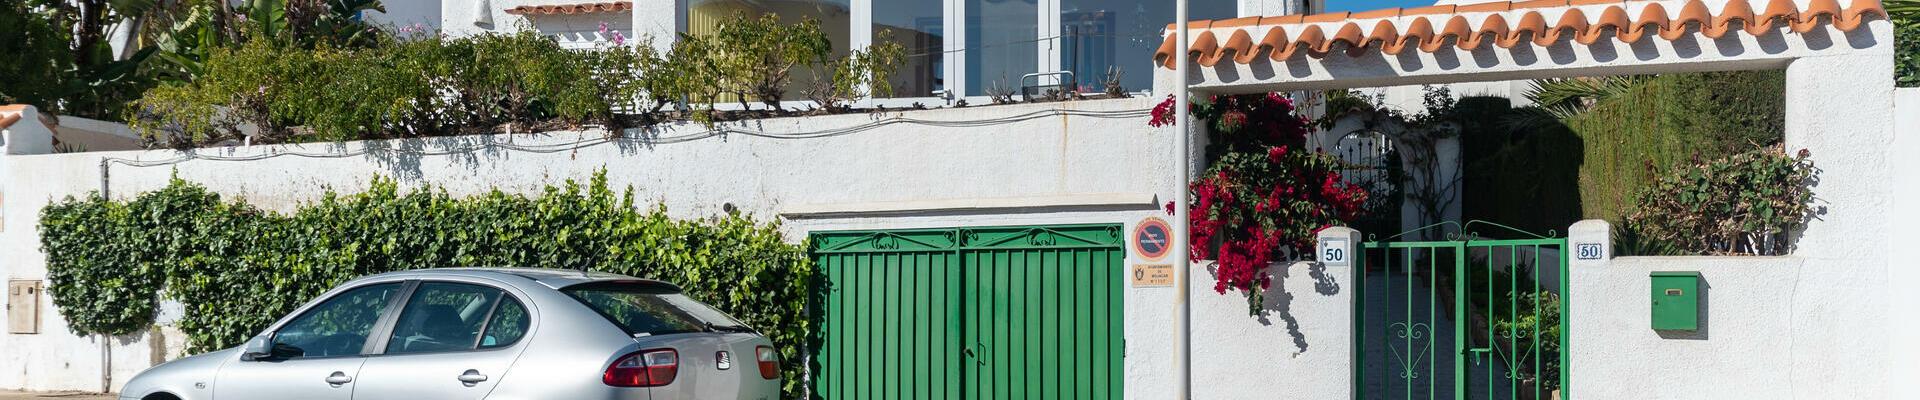 DV1509: 3 Bedroom Villa for Sale